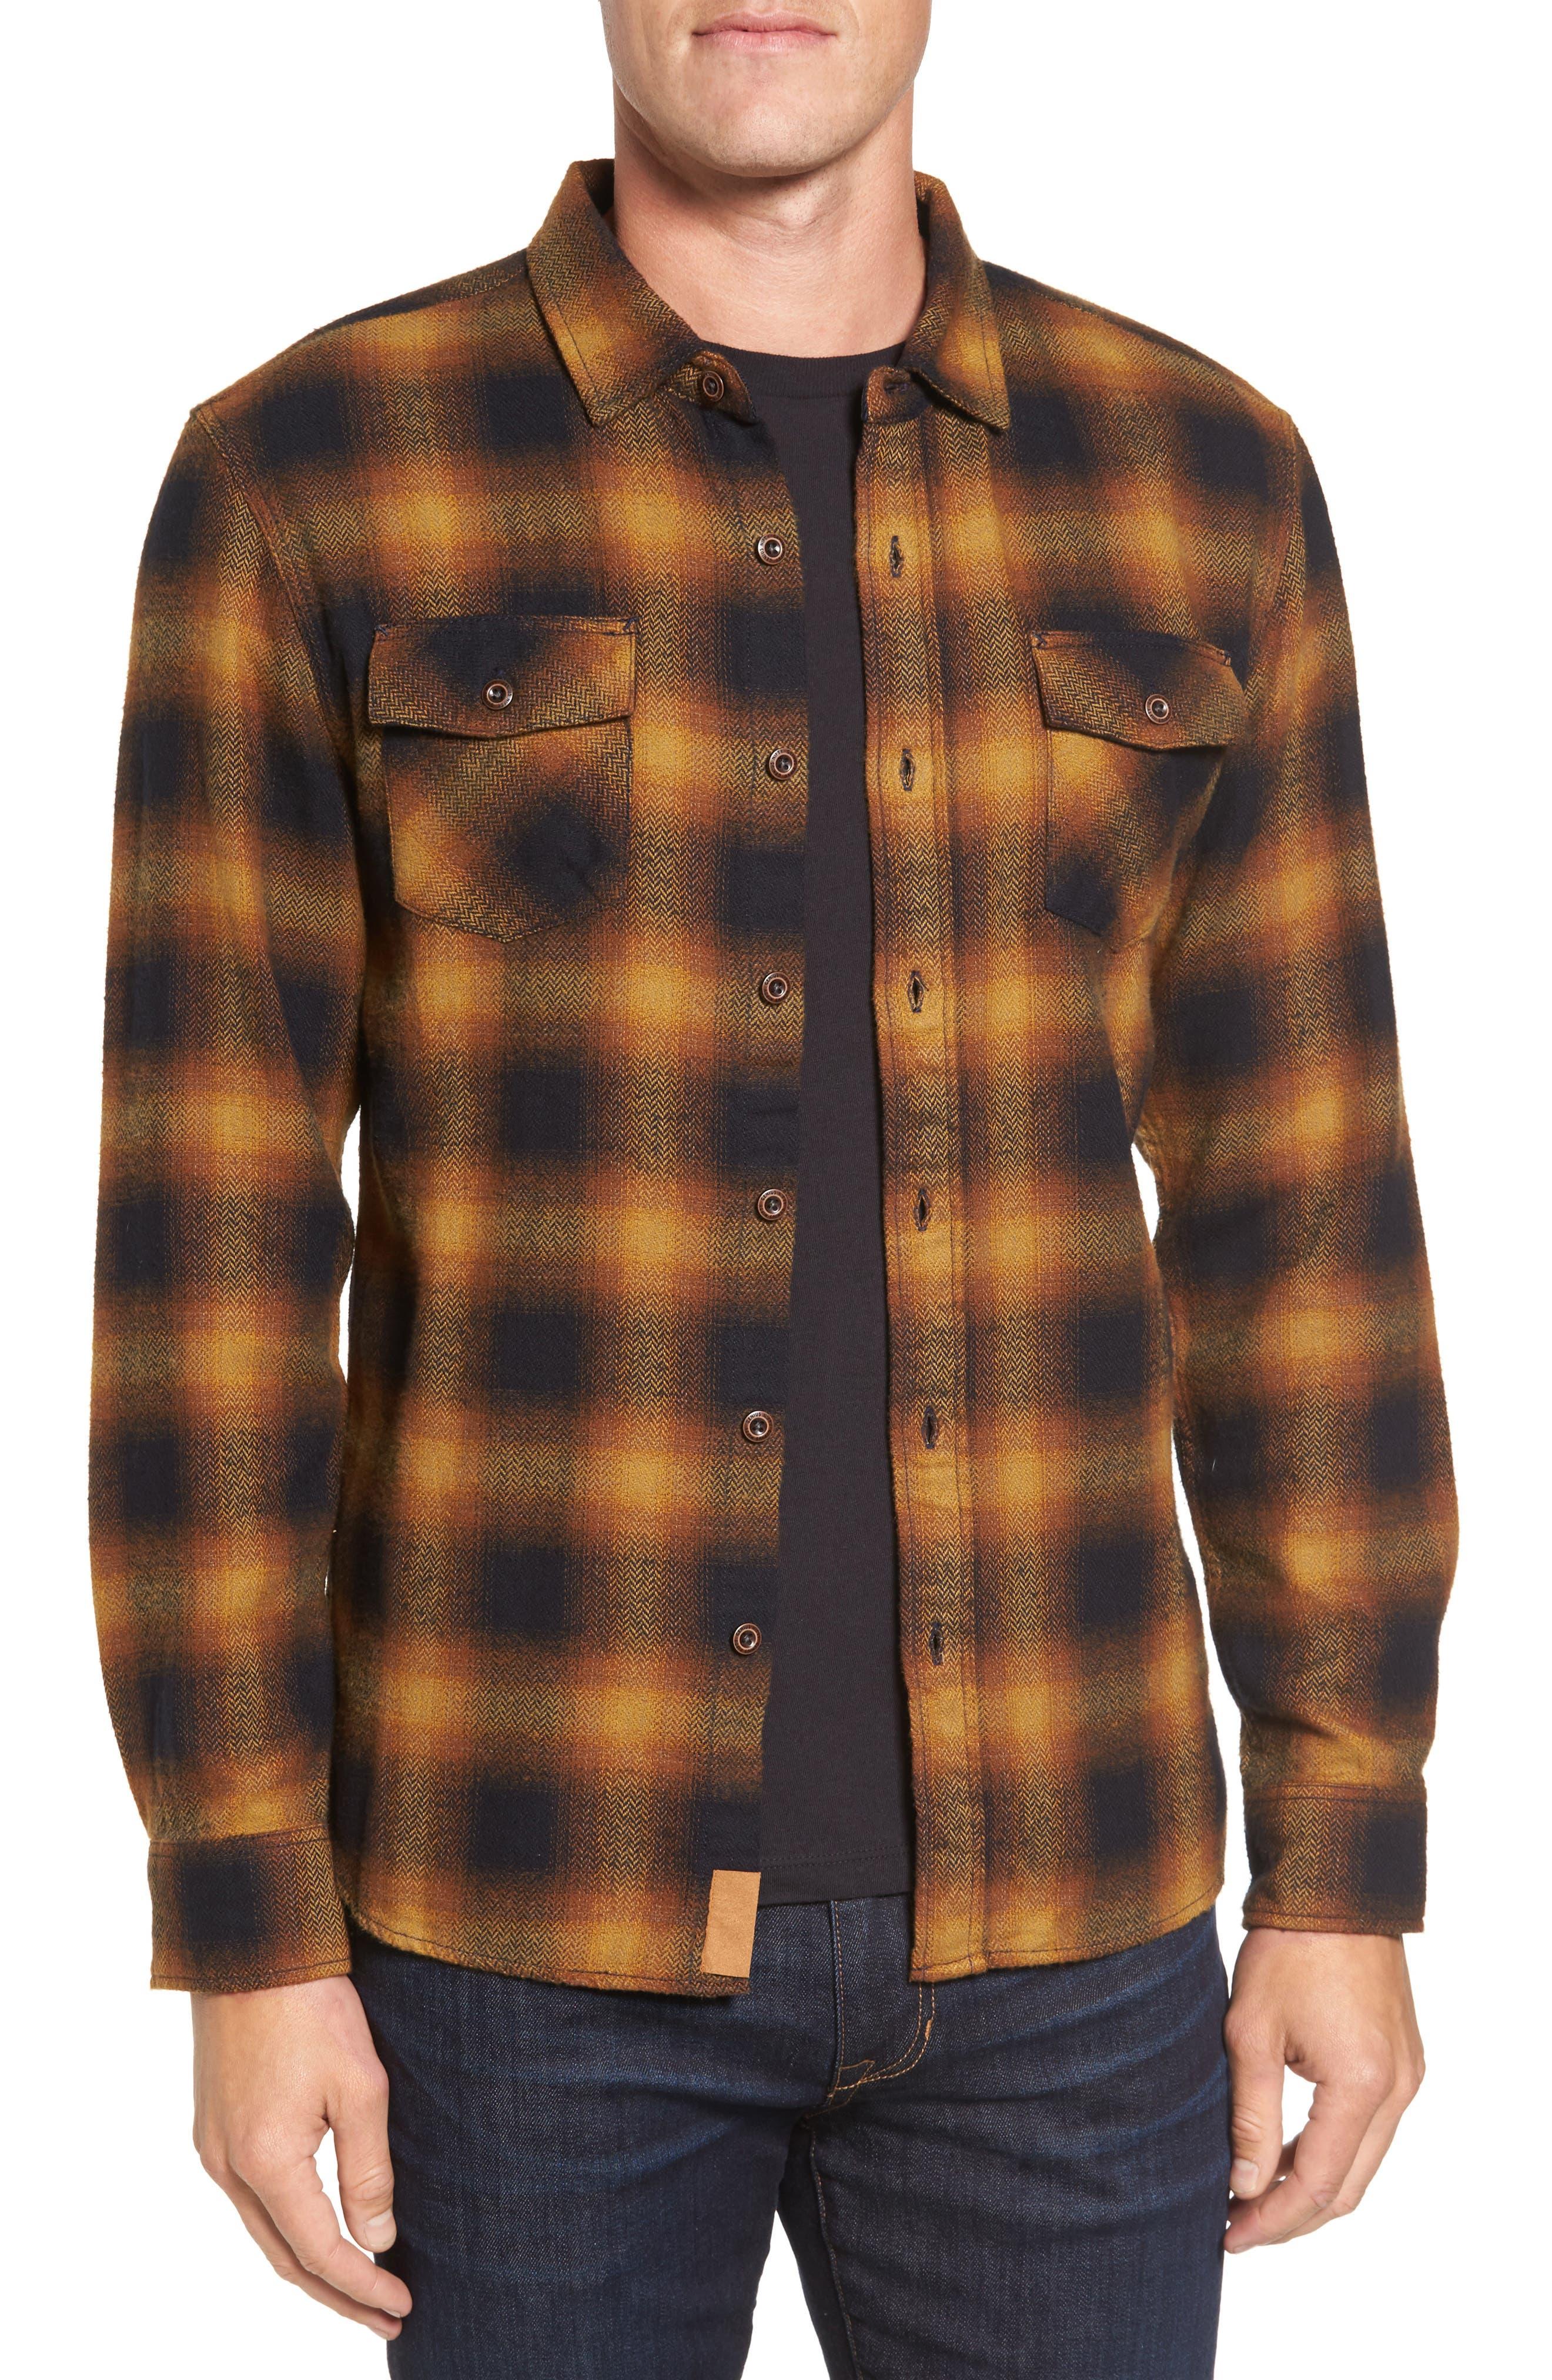 Alternate Image 1 Selected - Nifty Genius Truman Check Herringbone Shirt